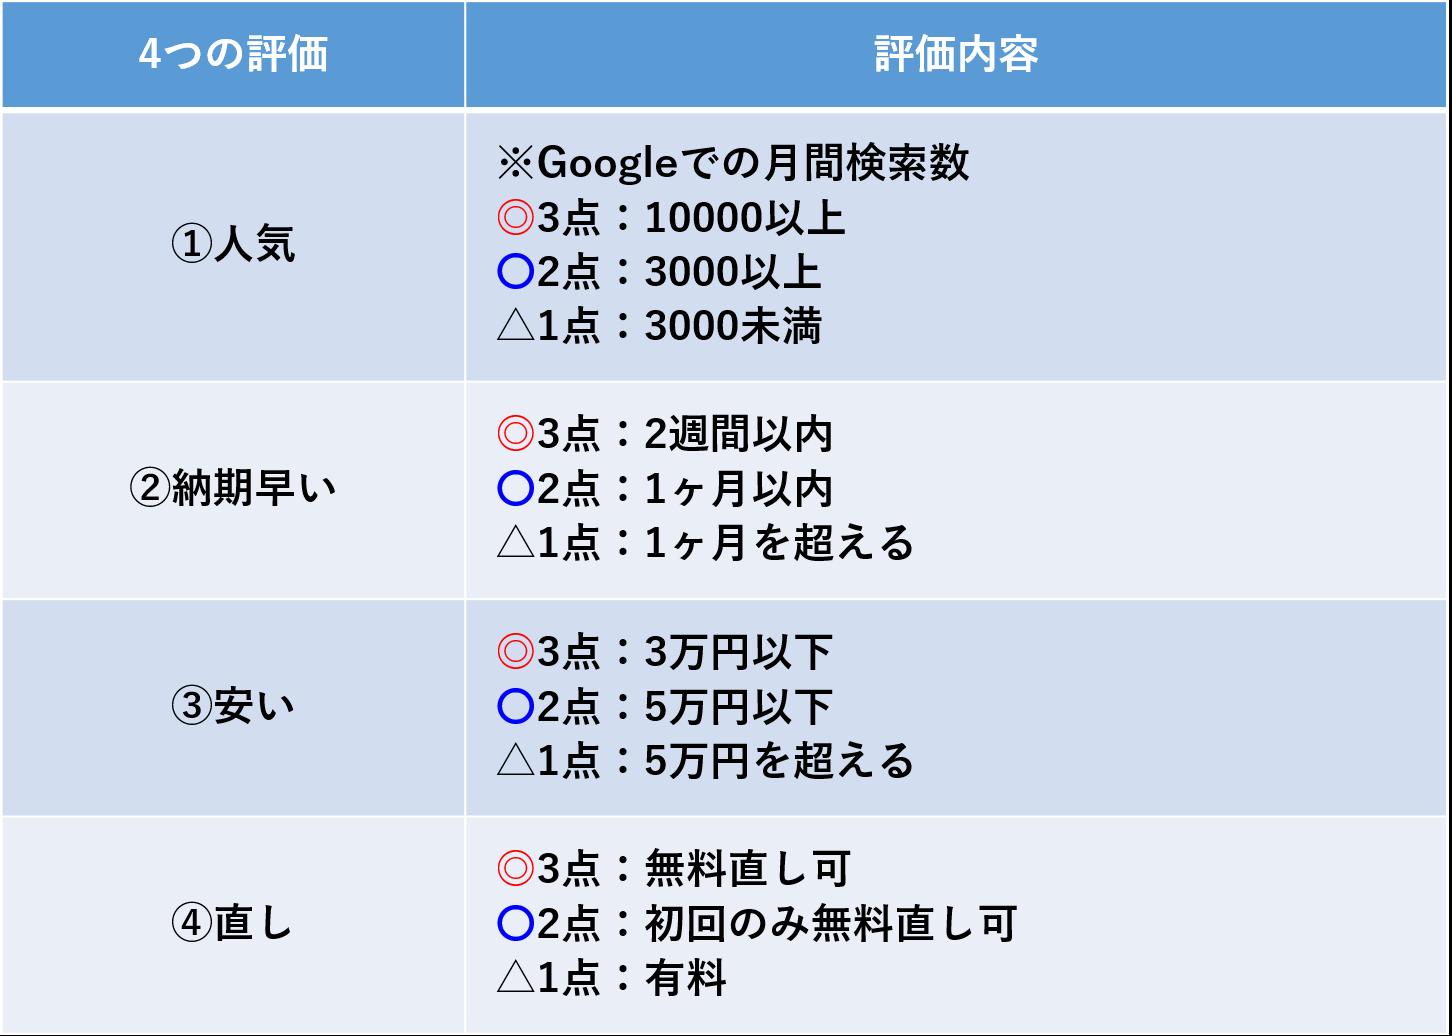 オーダースーツ 4つの評価要素を三段階で評価